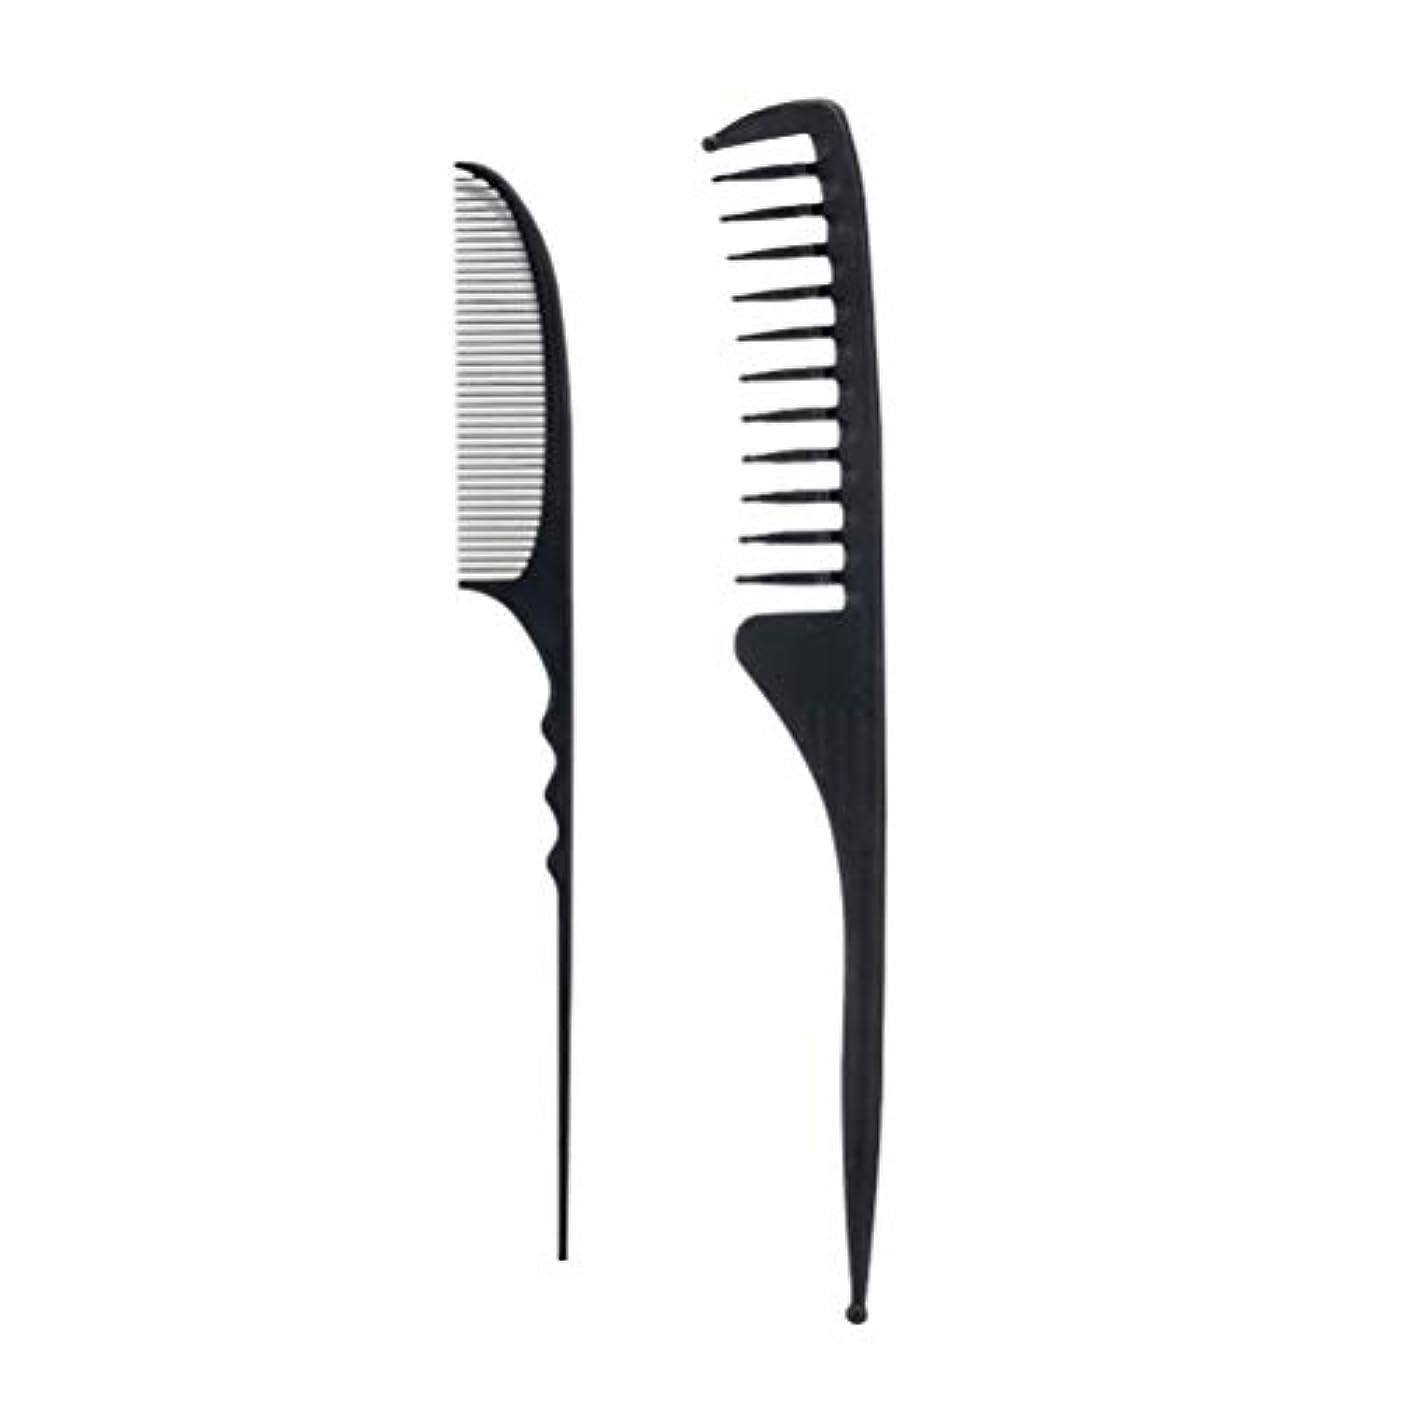 ジーンズ傾向があります浴室Lurrose 2ピースサロンコームヘアー理髪櫛かみそりコーム理髪櫛スタイリングヘアコーム付きファインテールラフィングテール